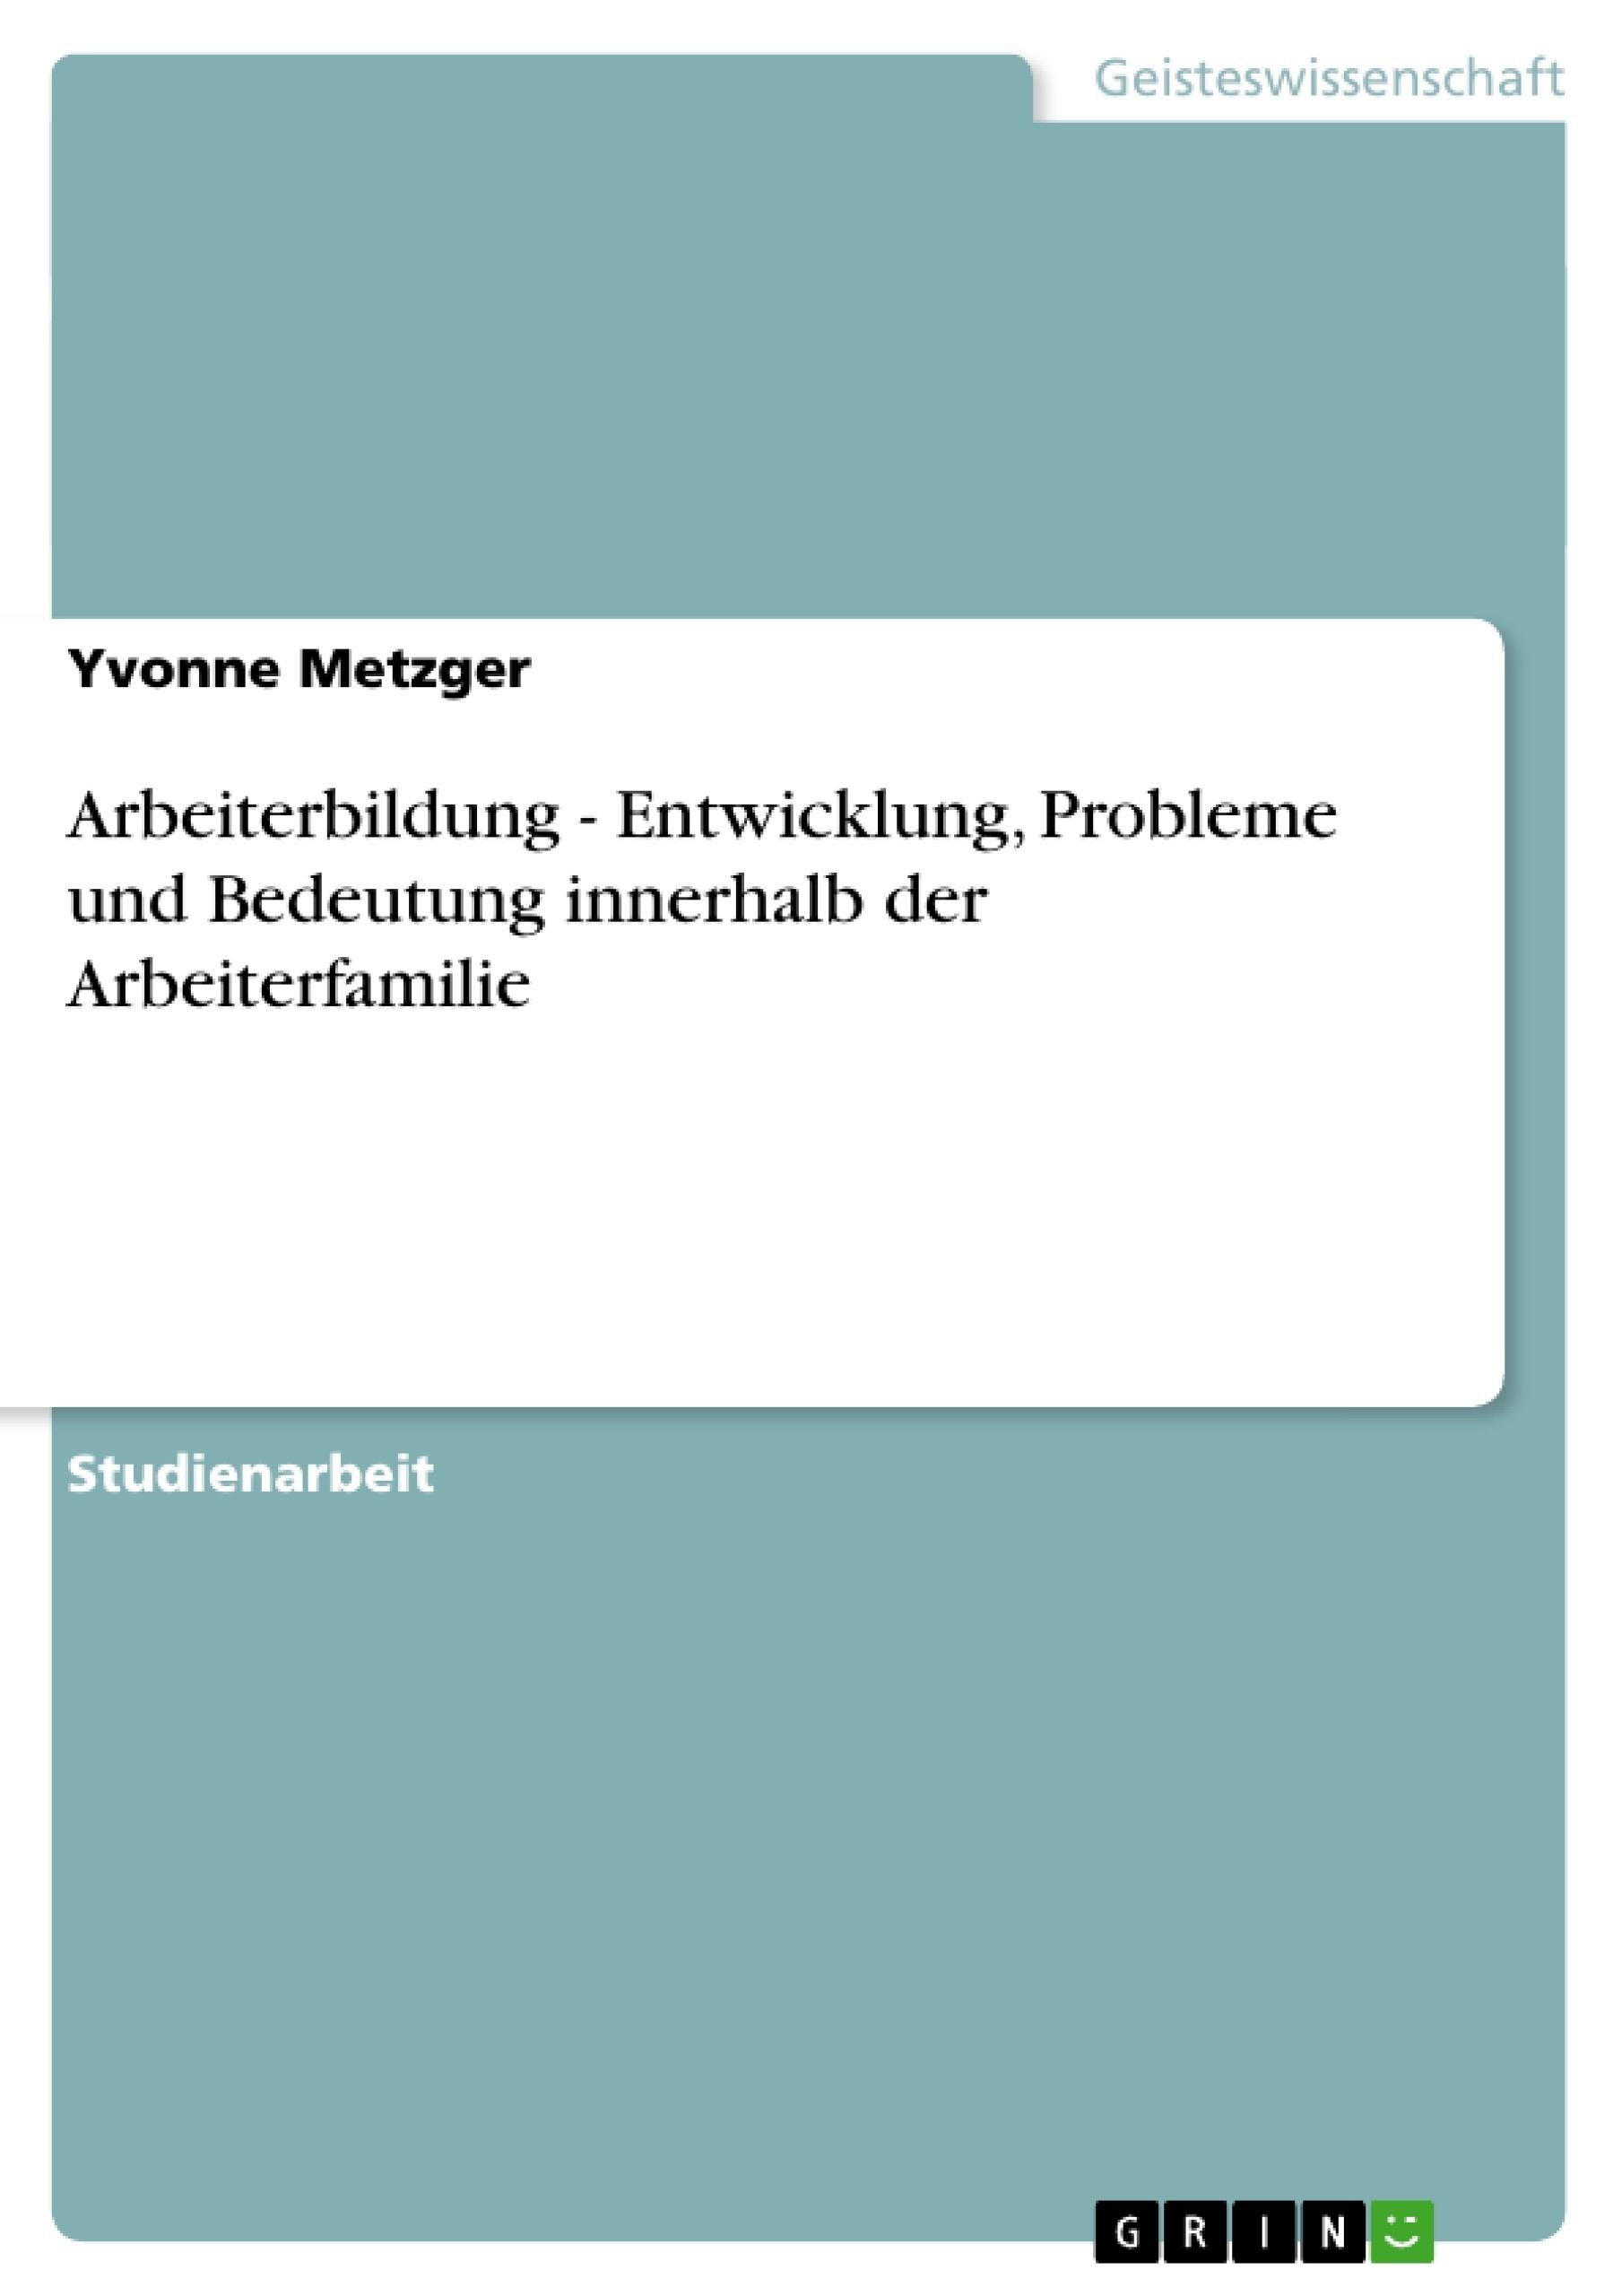 Titel: Arbeiterbildung - Entwicklung, Probleme und Bedeutung innerhalb der Arbeiterfamilie